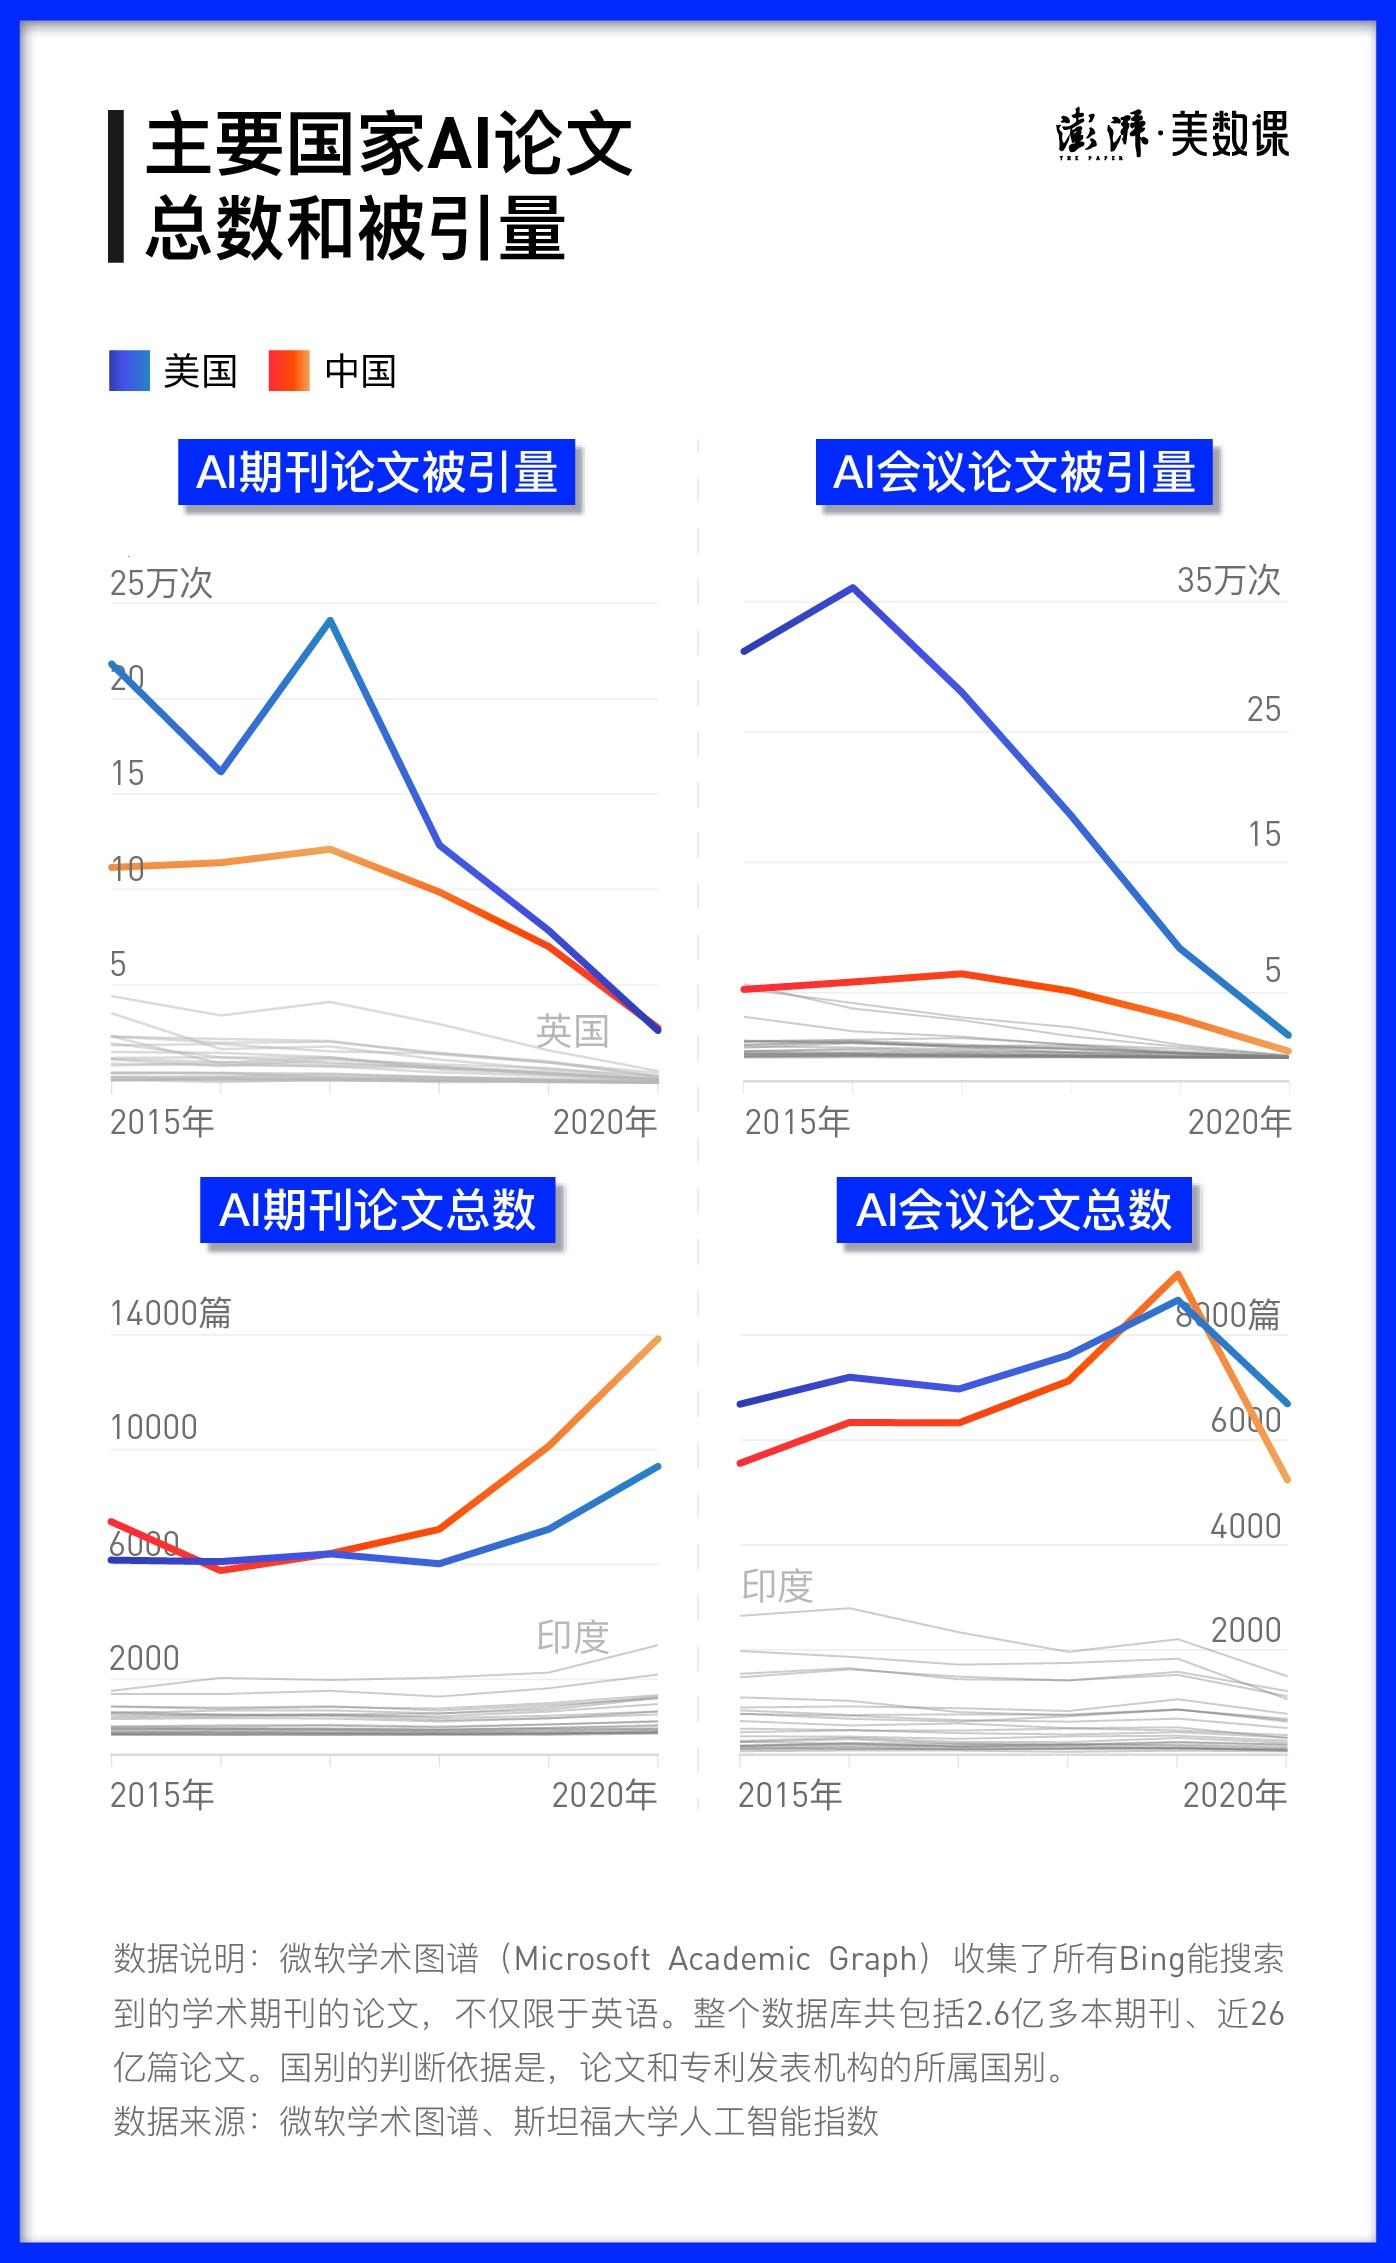 数说|中国 AI 期刊论文被引量世界第一,都在研究什么?